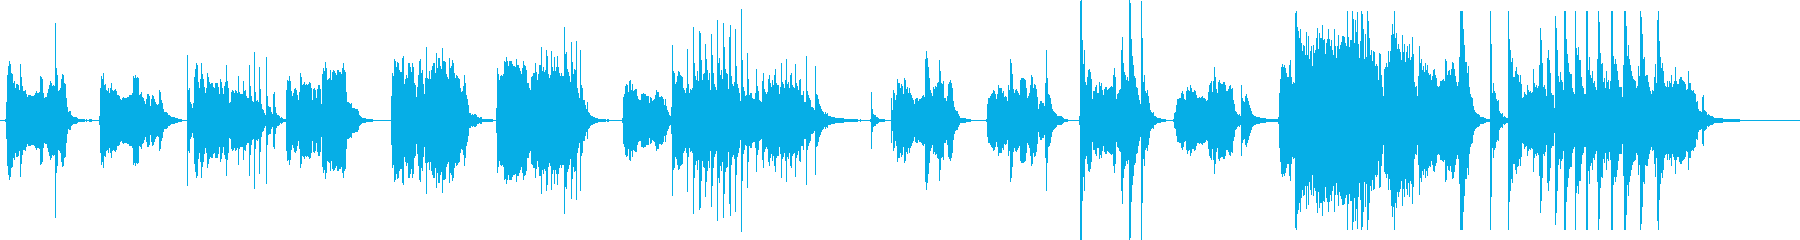 篠笛とドロ太鼓の純和風ホラーの再生済みの波形